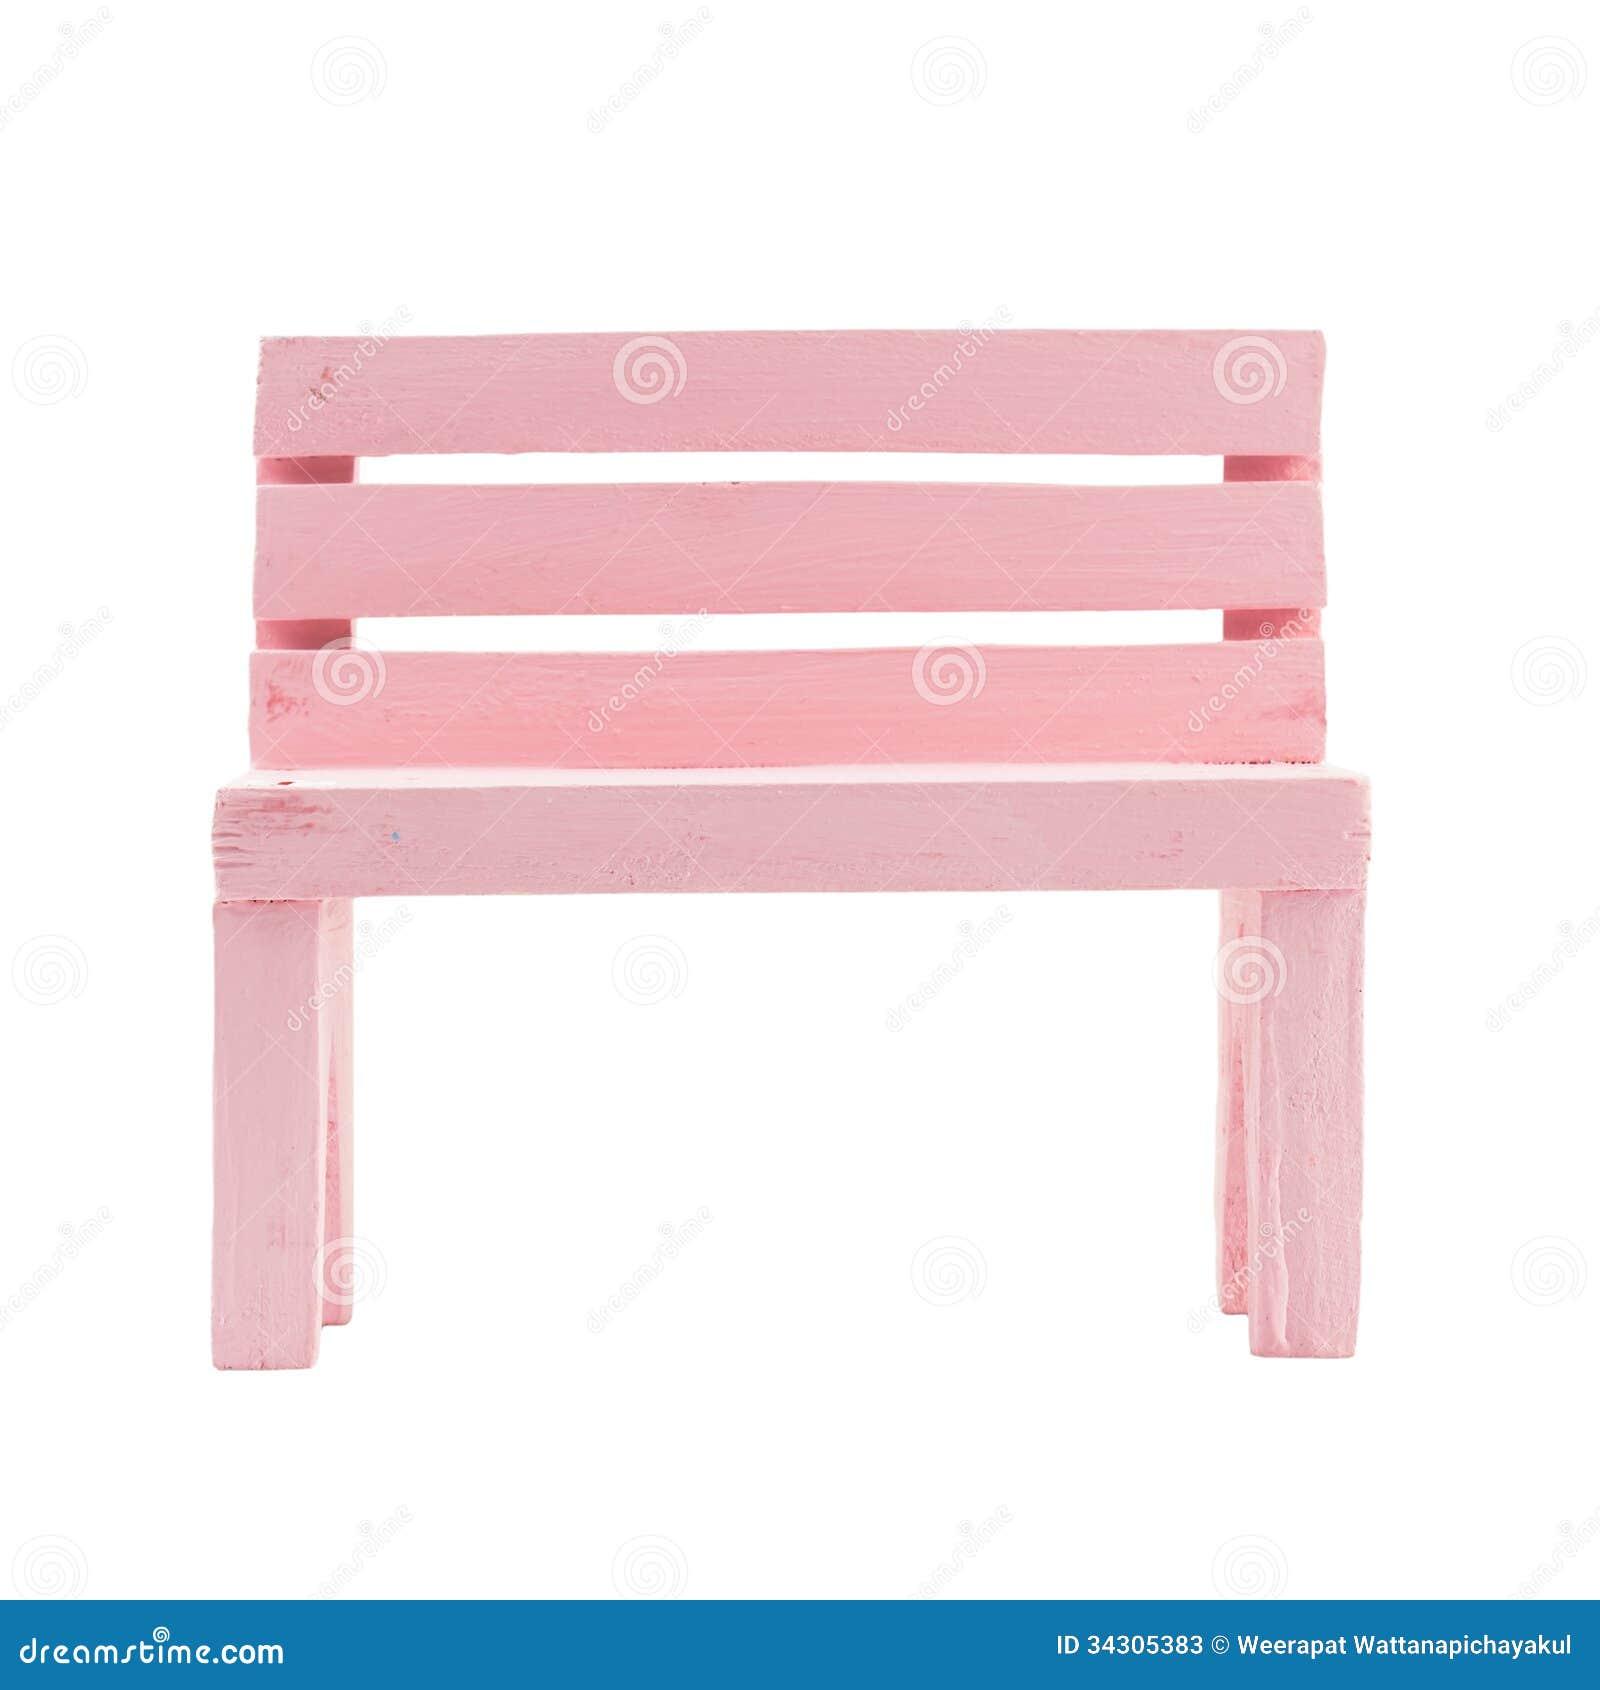 pink bench stock photos  image  - pink bench stock photos